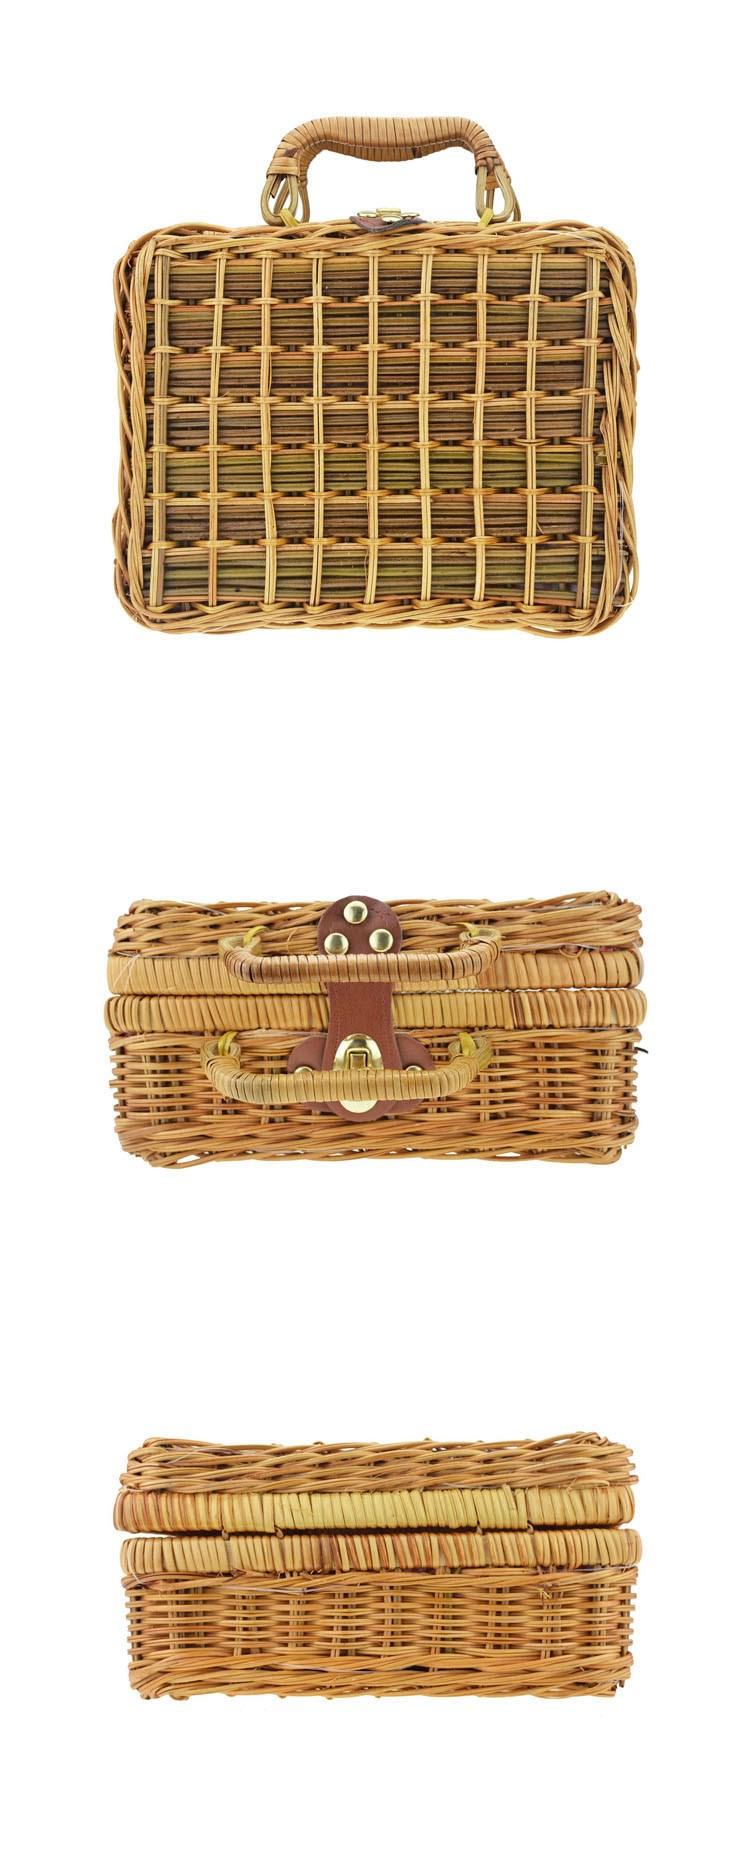 Handmade Mans Cane Tote Straw Bag